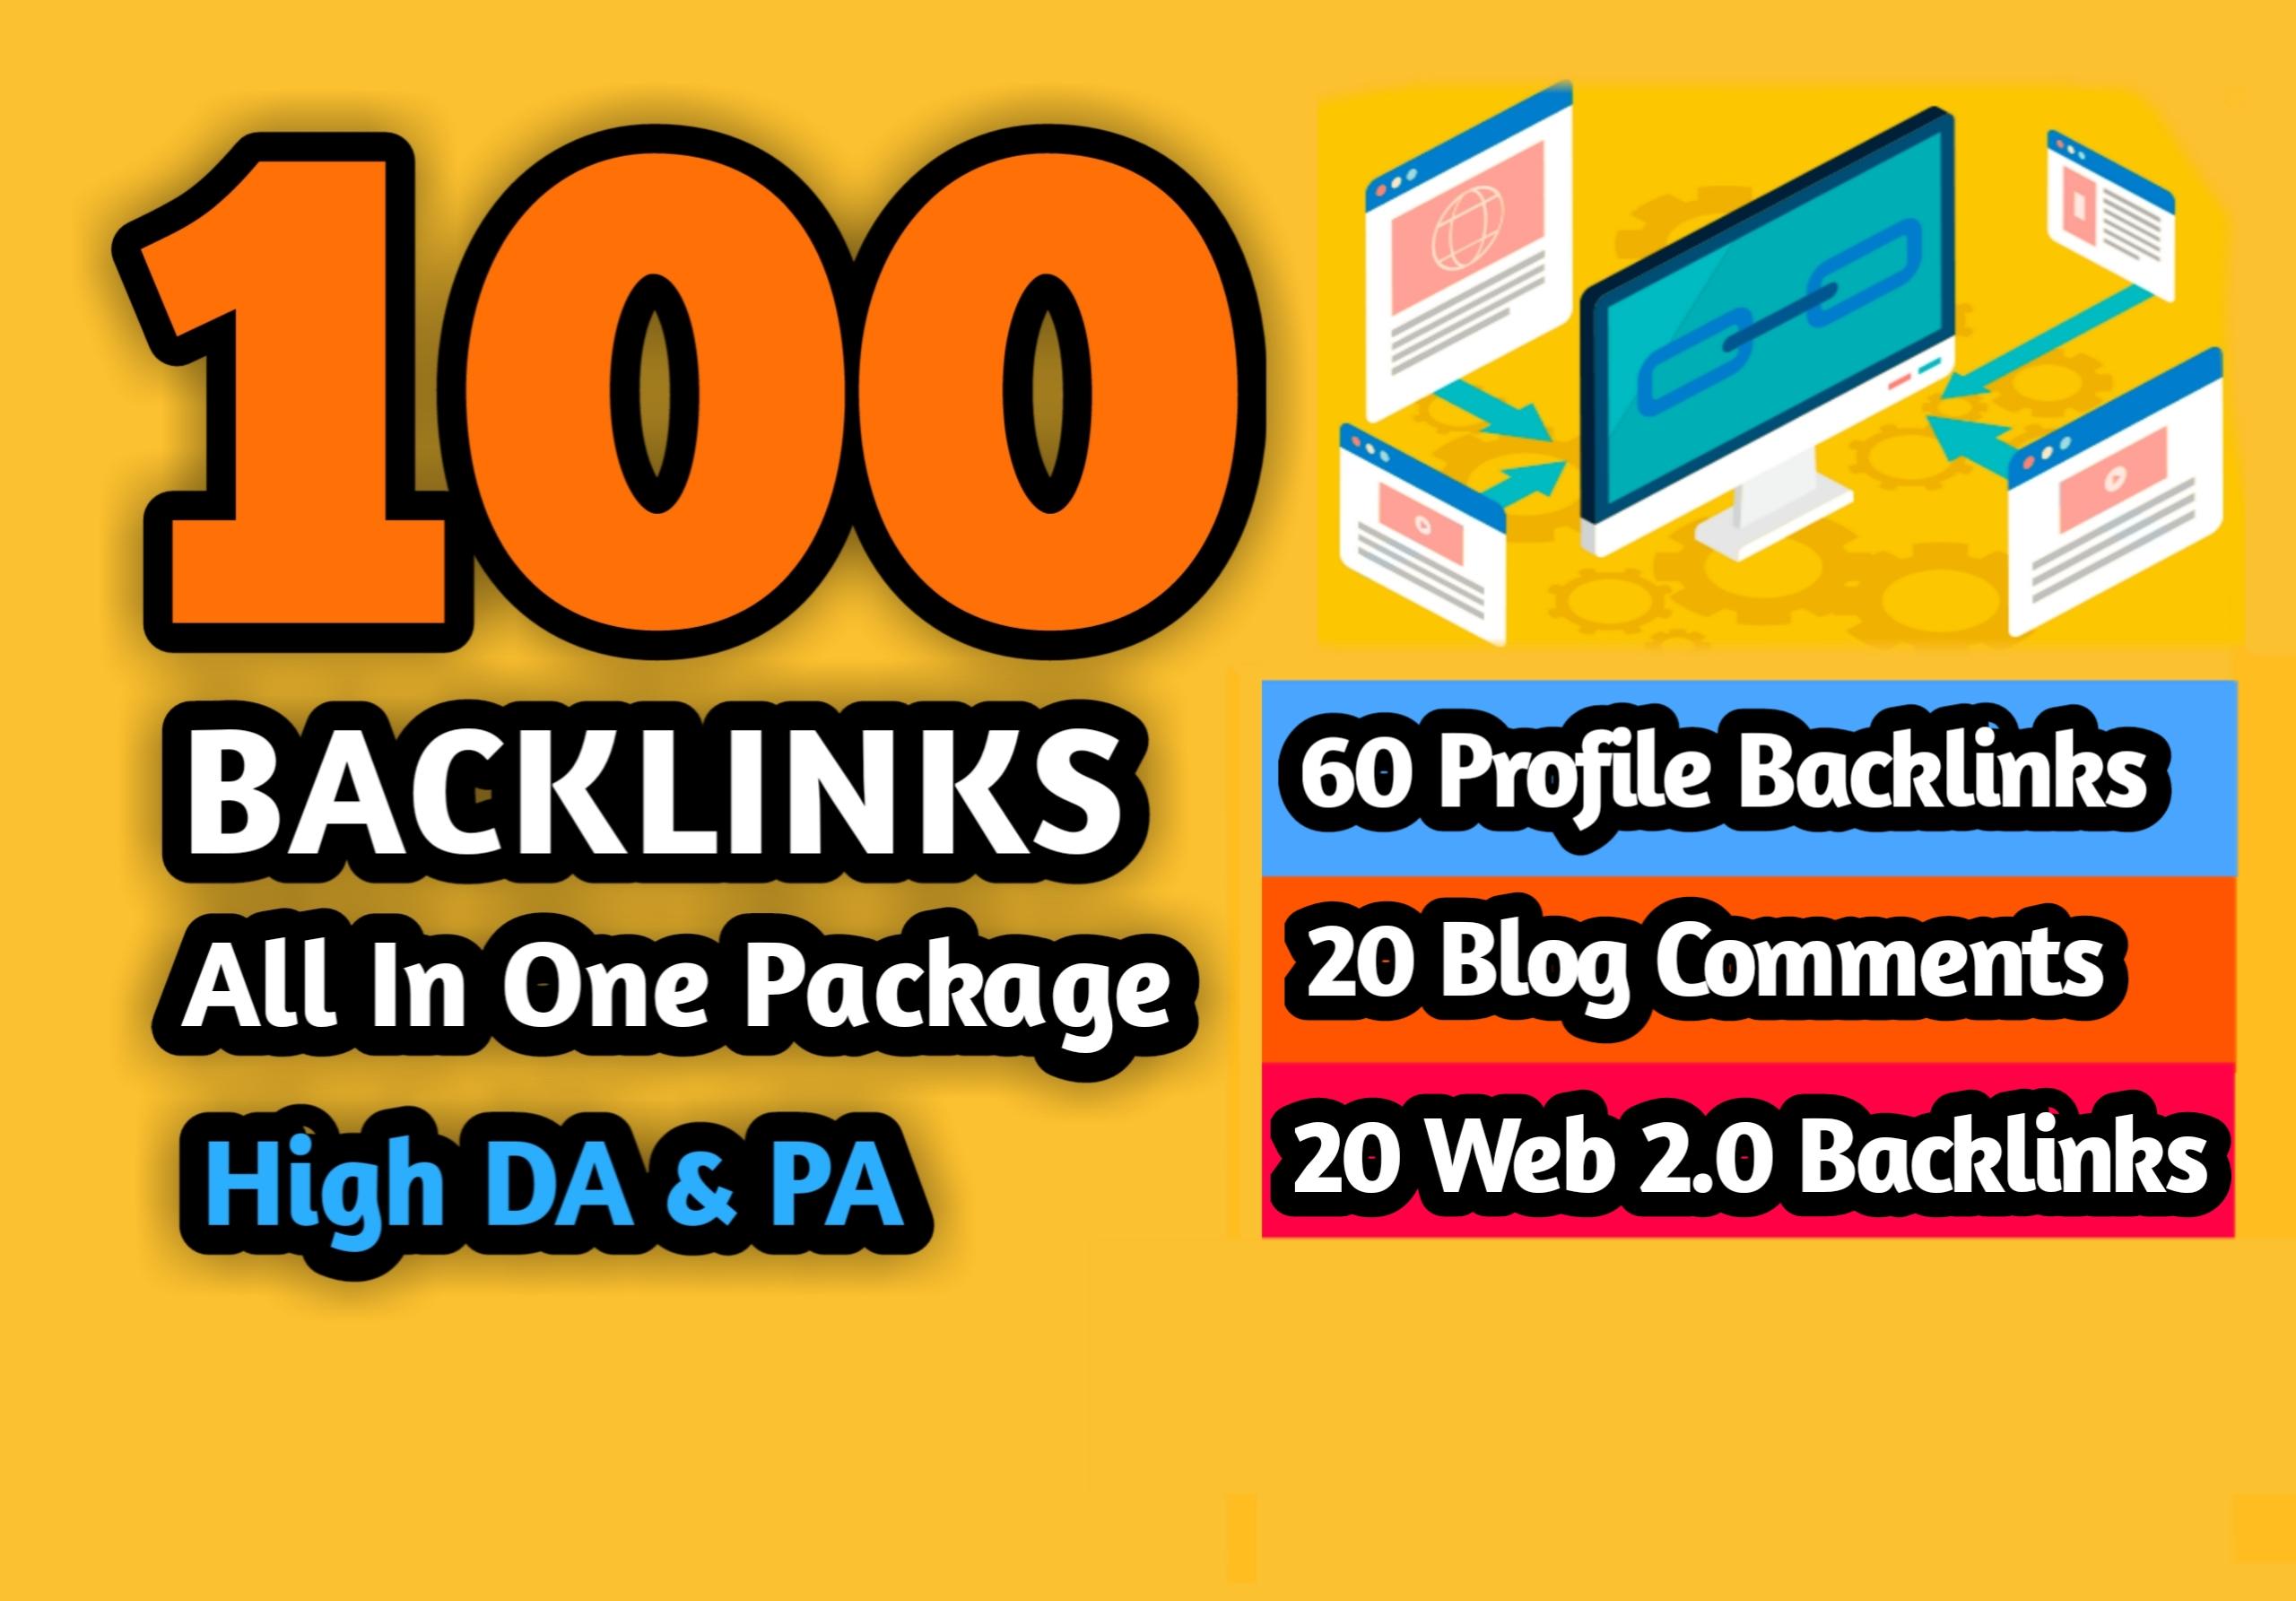 60 Profile Backlinks,  20 Blog Comments,  20 Web 2.0 Backlinks